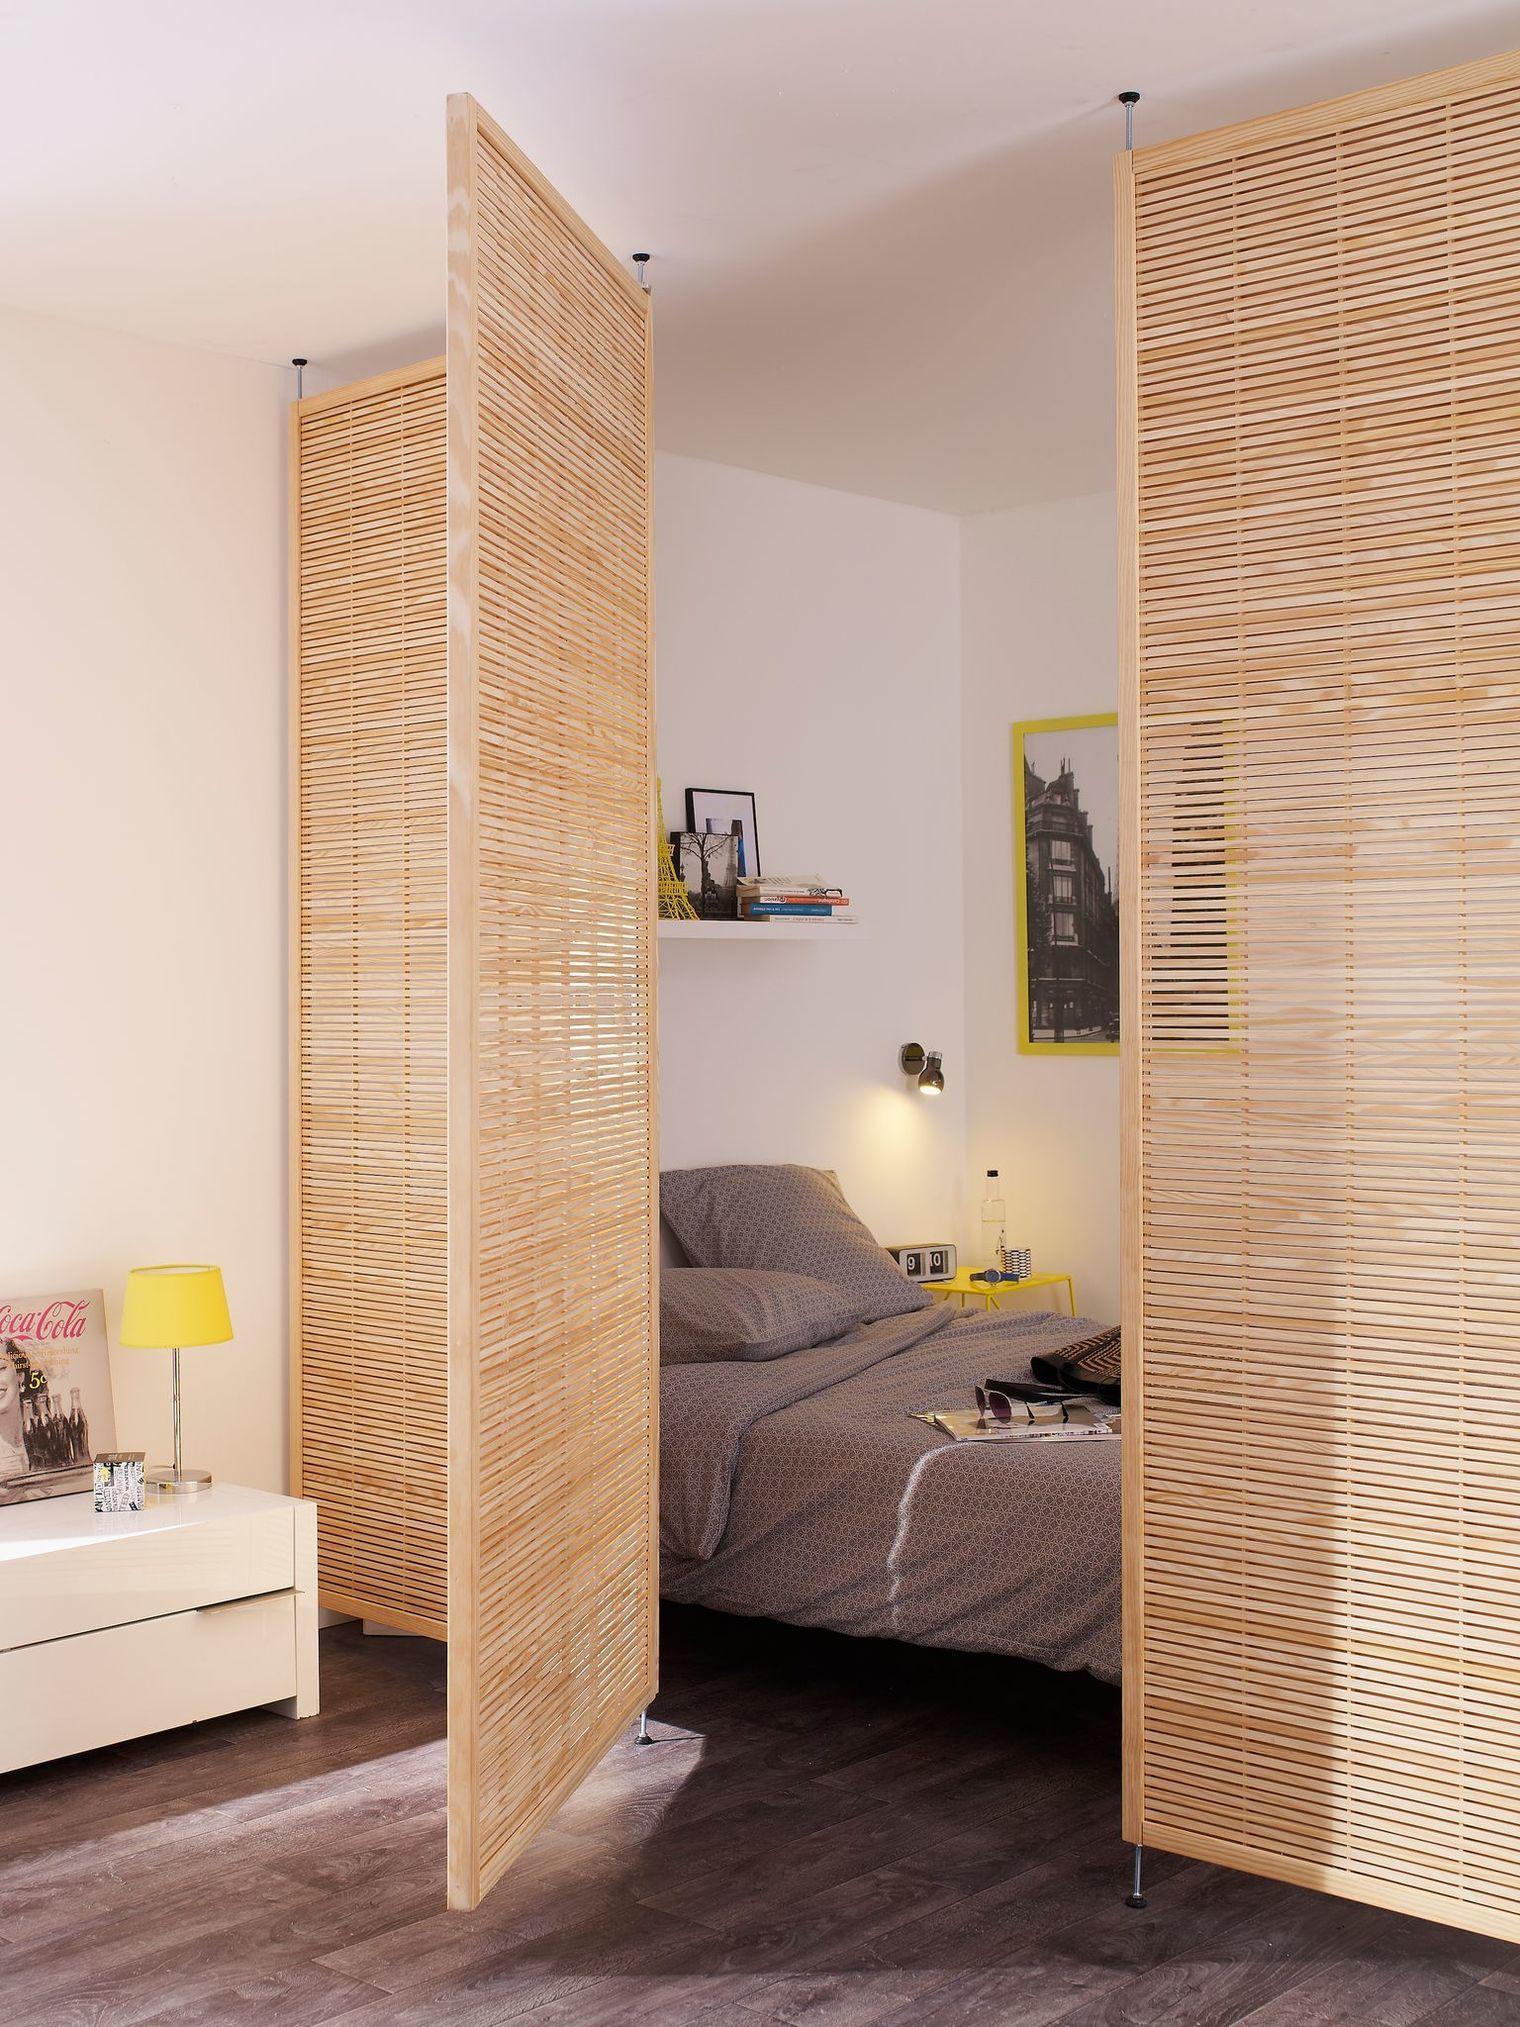 Cloison amovible cloison coulissante meuble cloison paravent  Côté Maison